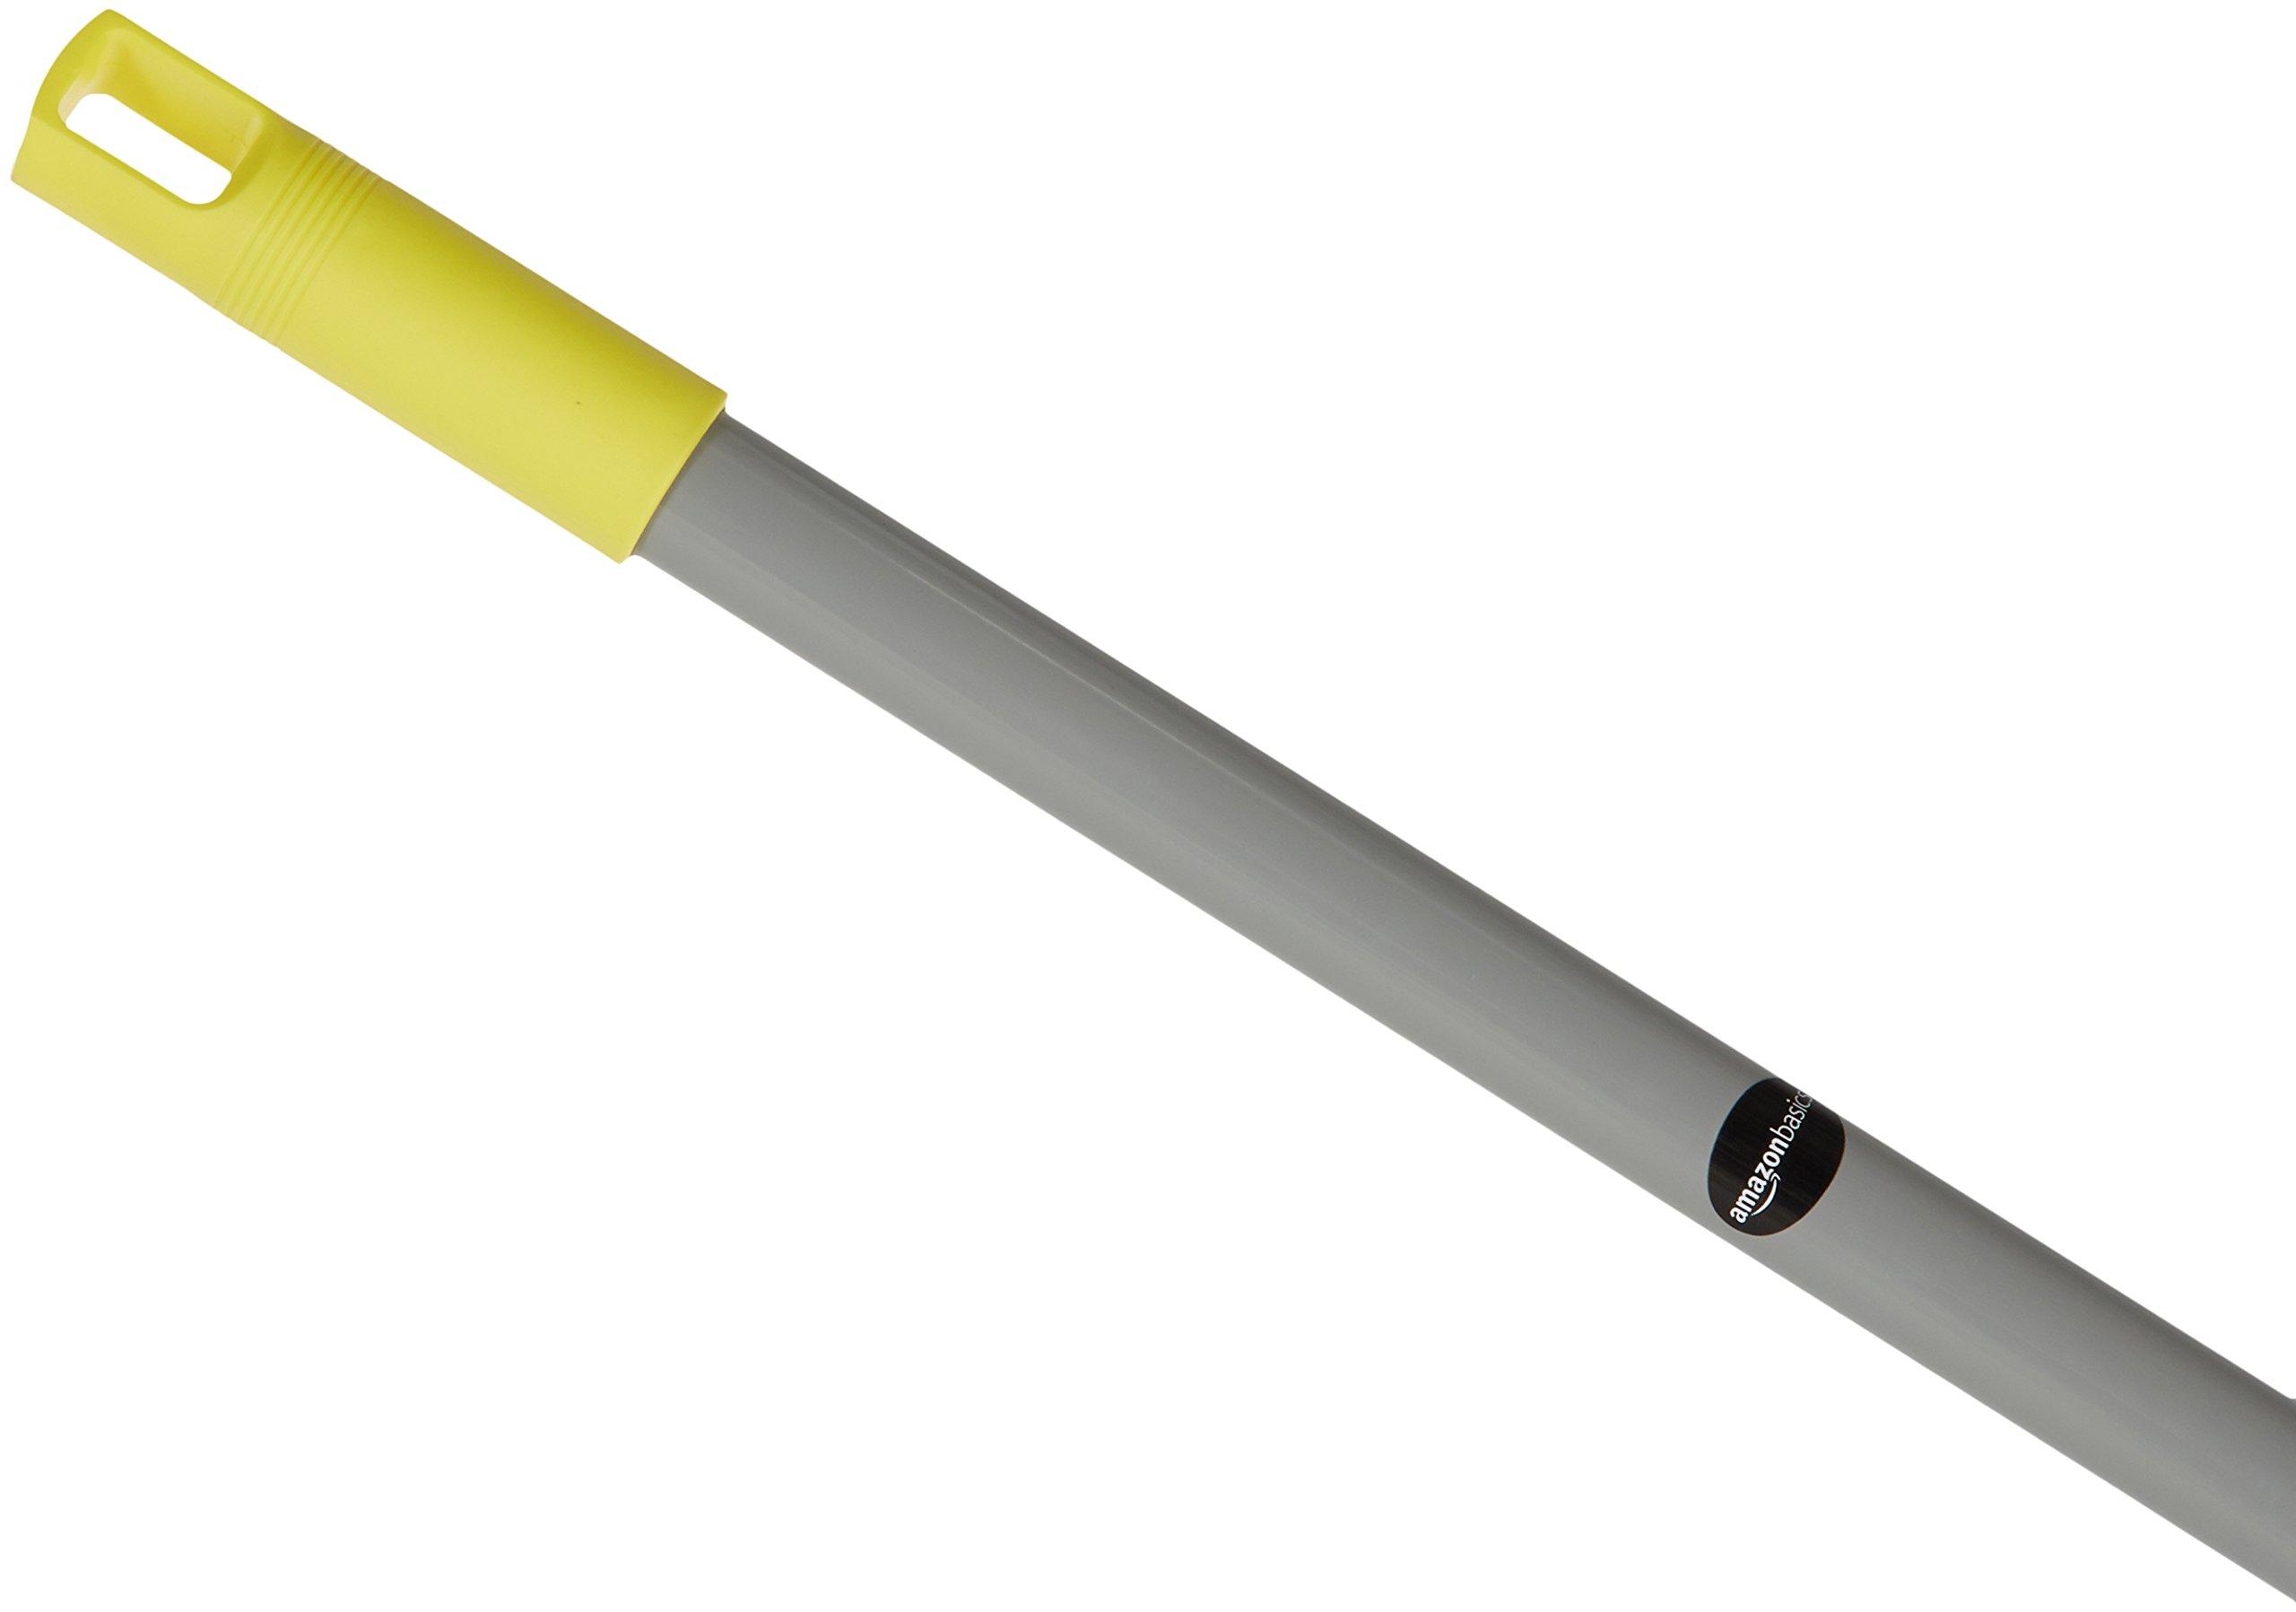 AmazonBasics 60-Inch Jaw Mop Handle - 6-Pack by AmazonBasics (Image #3)